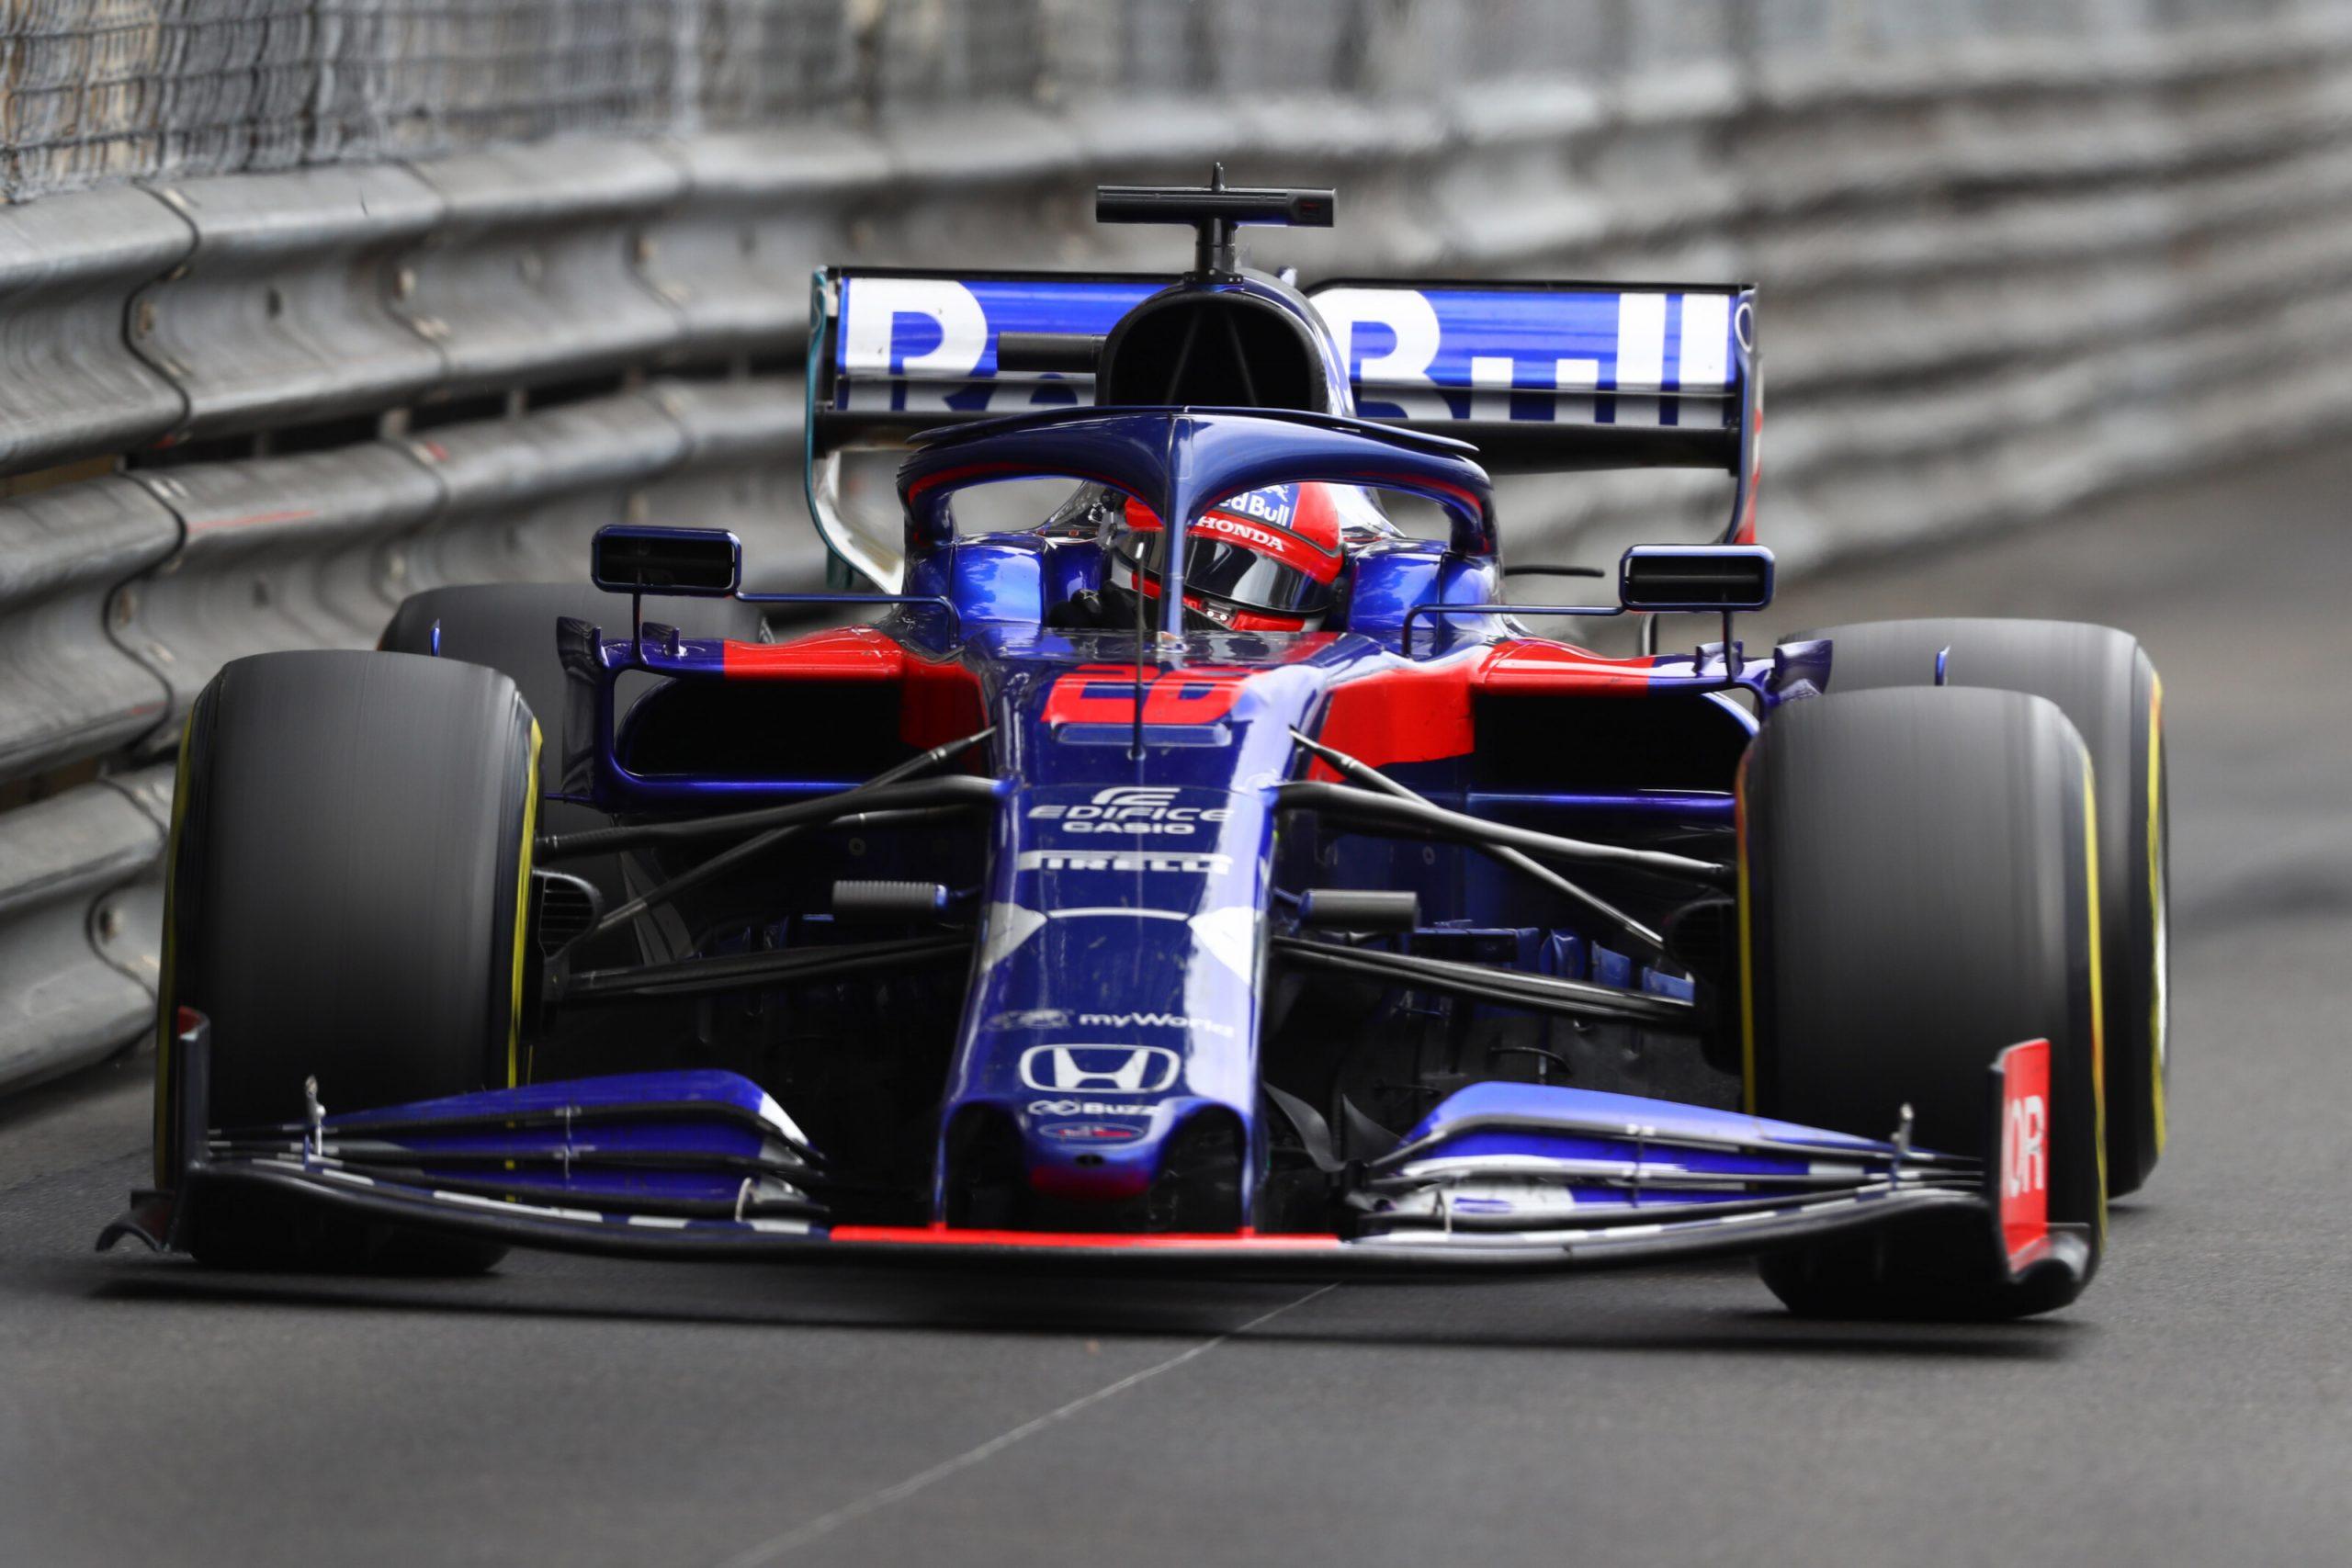 daniil kvyat au Grand Prix de Monaco 2019 Toro Rosso